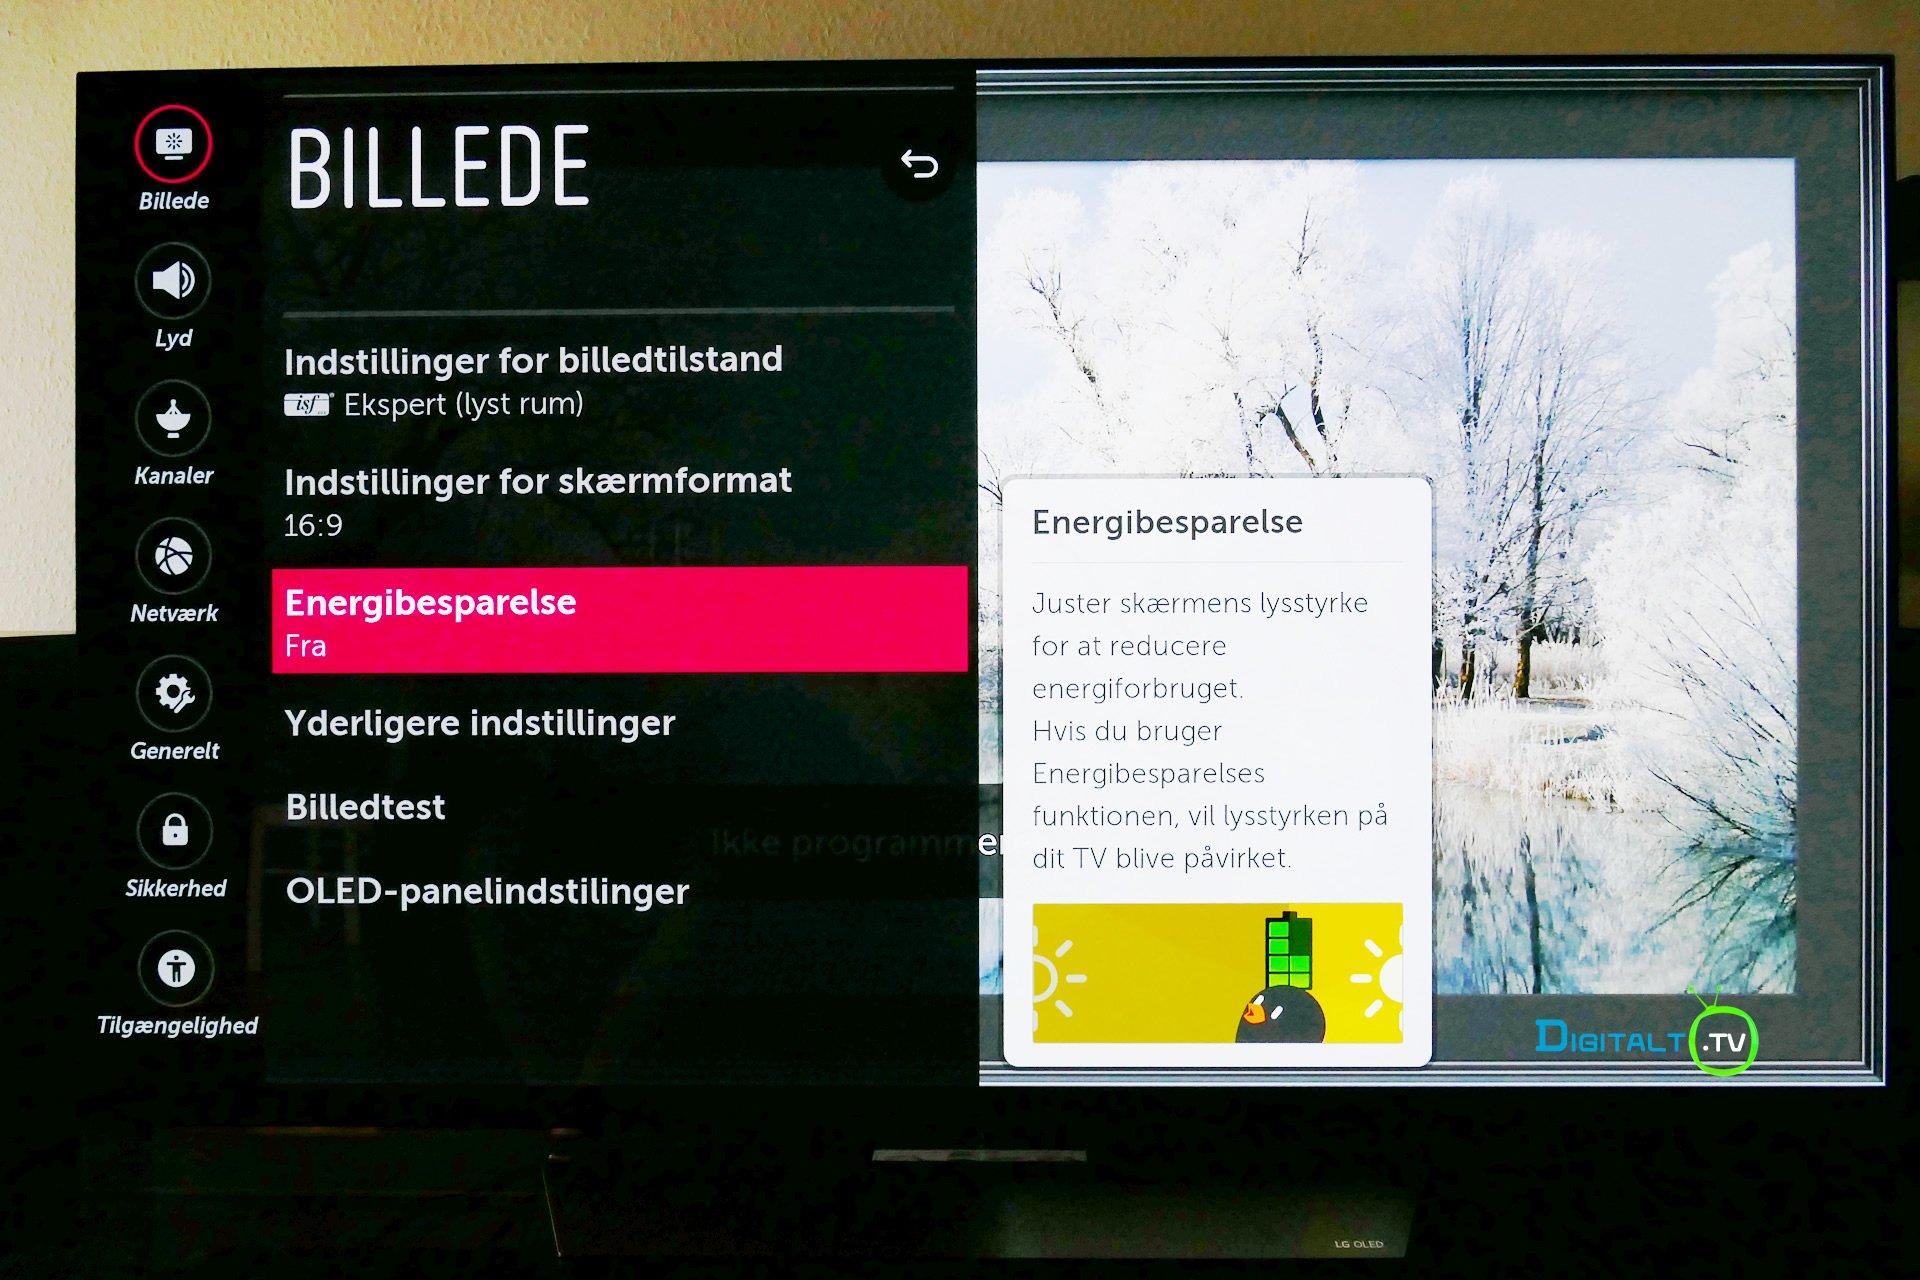 LG OLED Energibesparelse menu